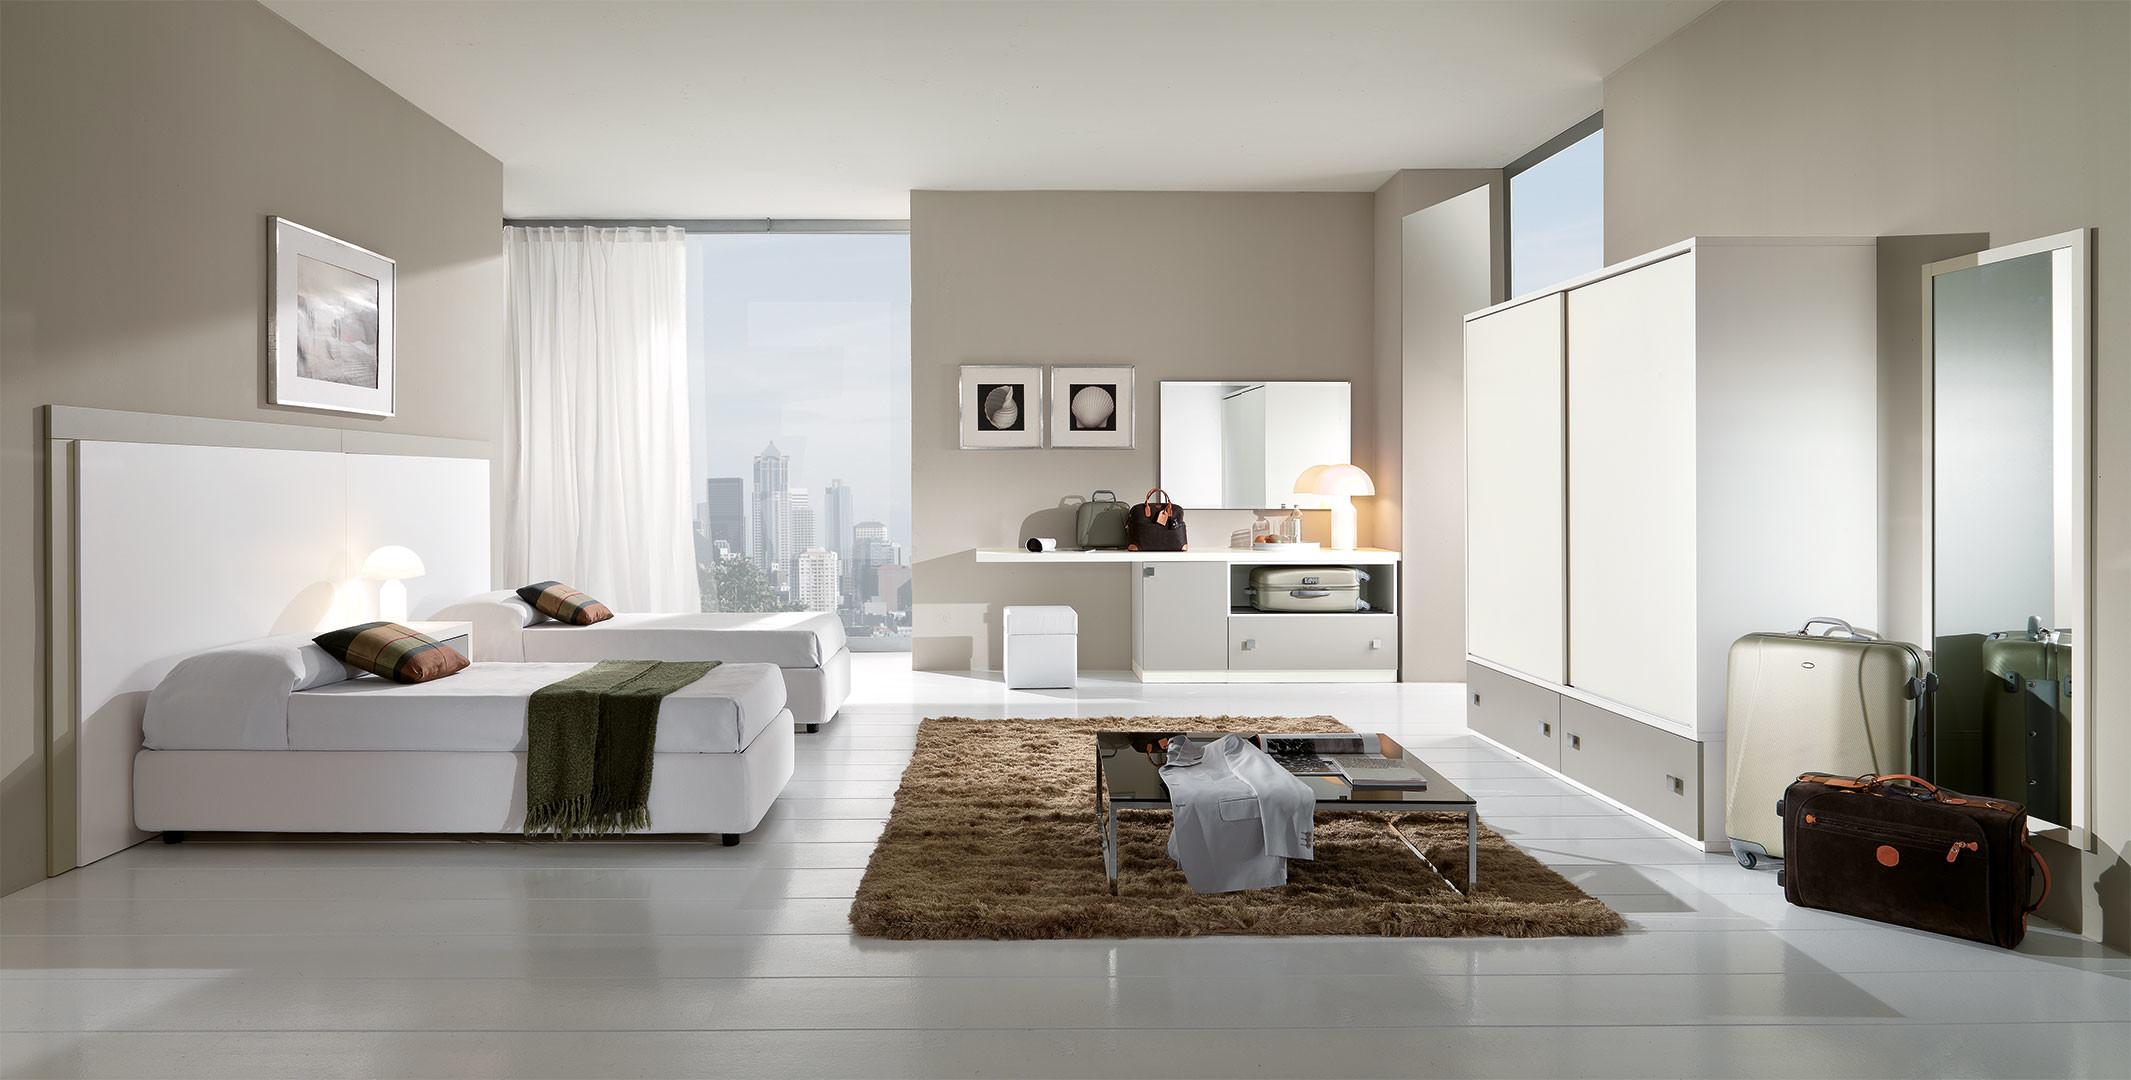 Camera moderna composizione 1 agap forniture for Arredo camere albergo